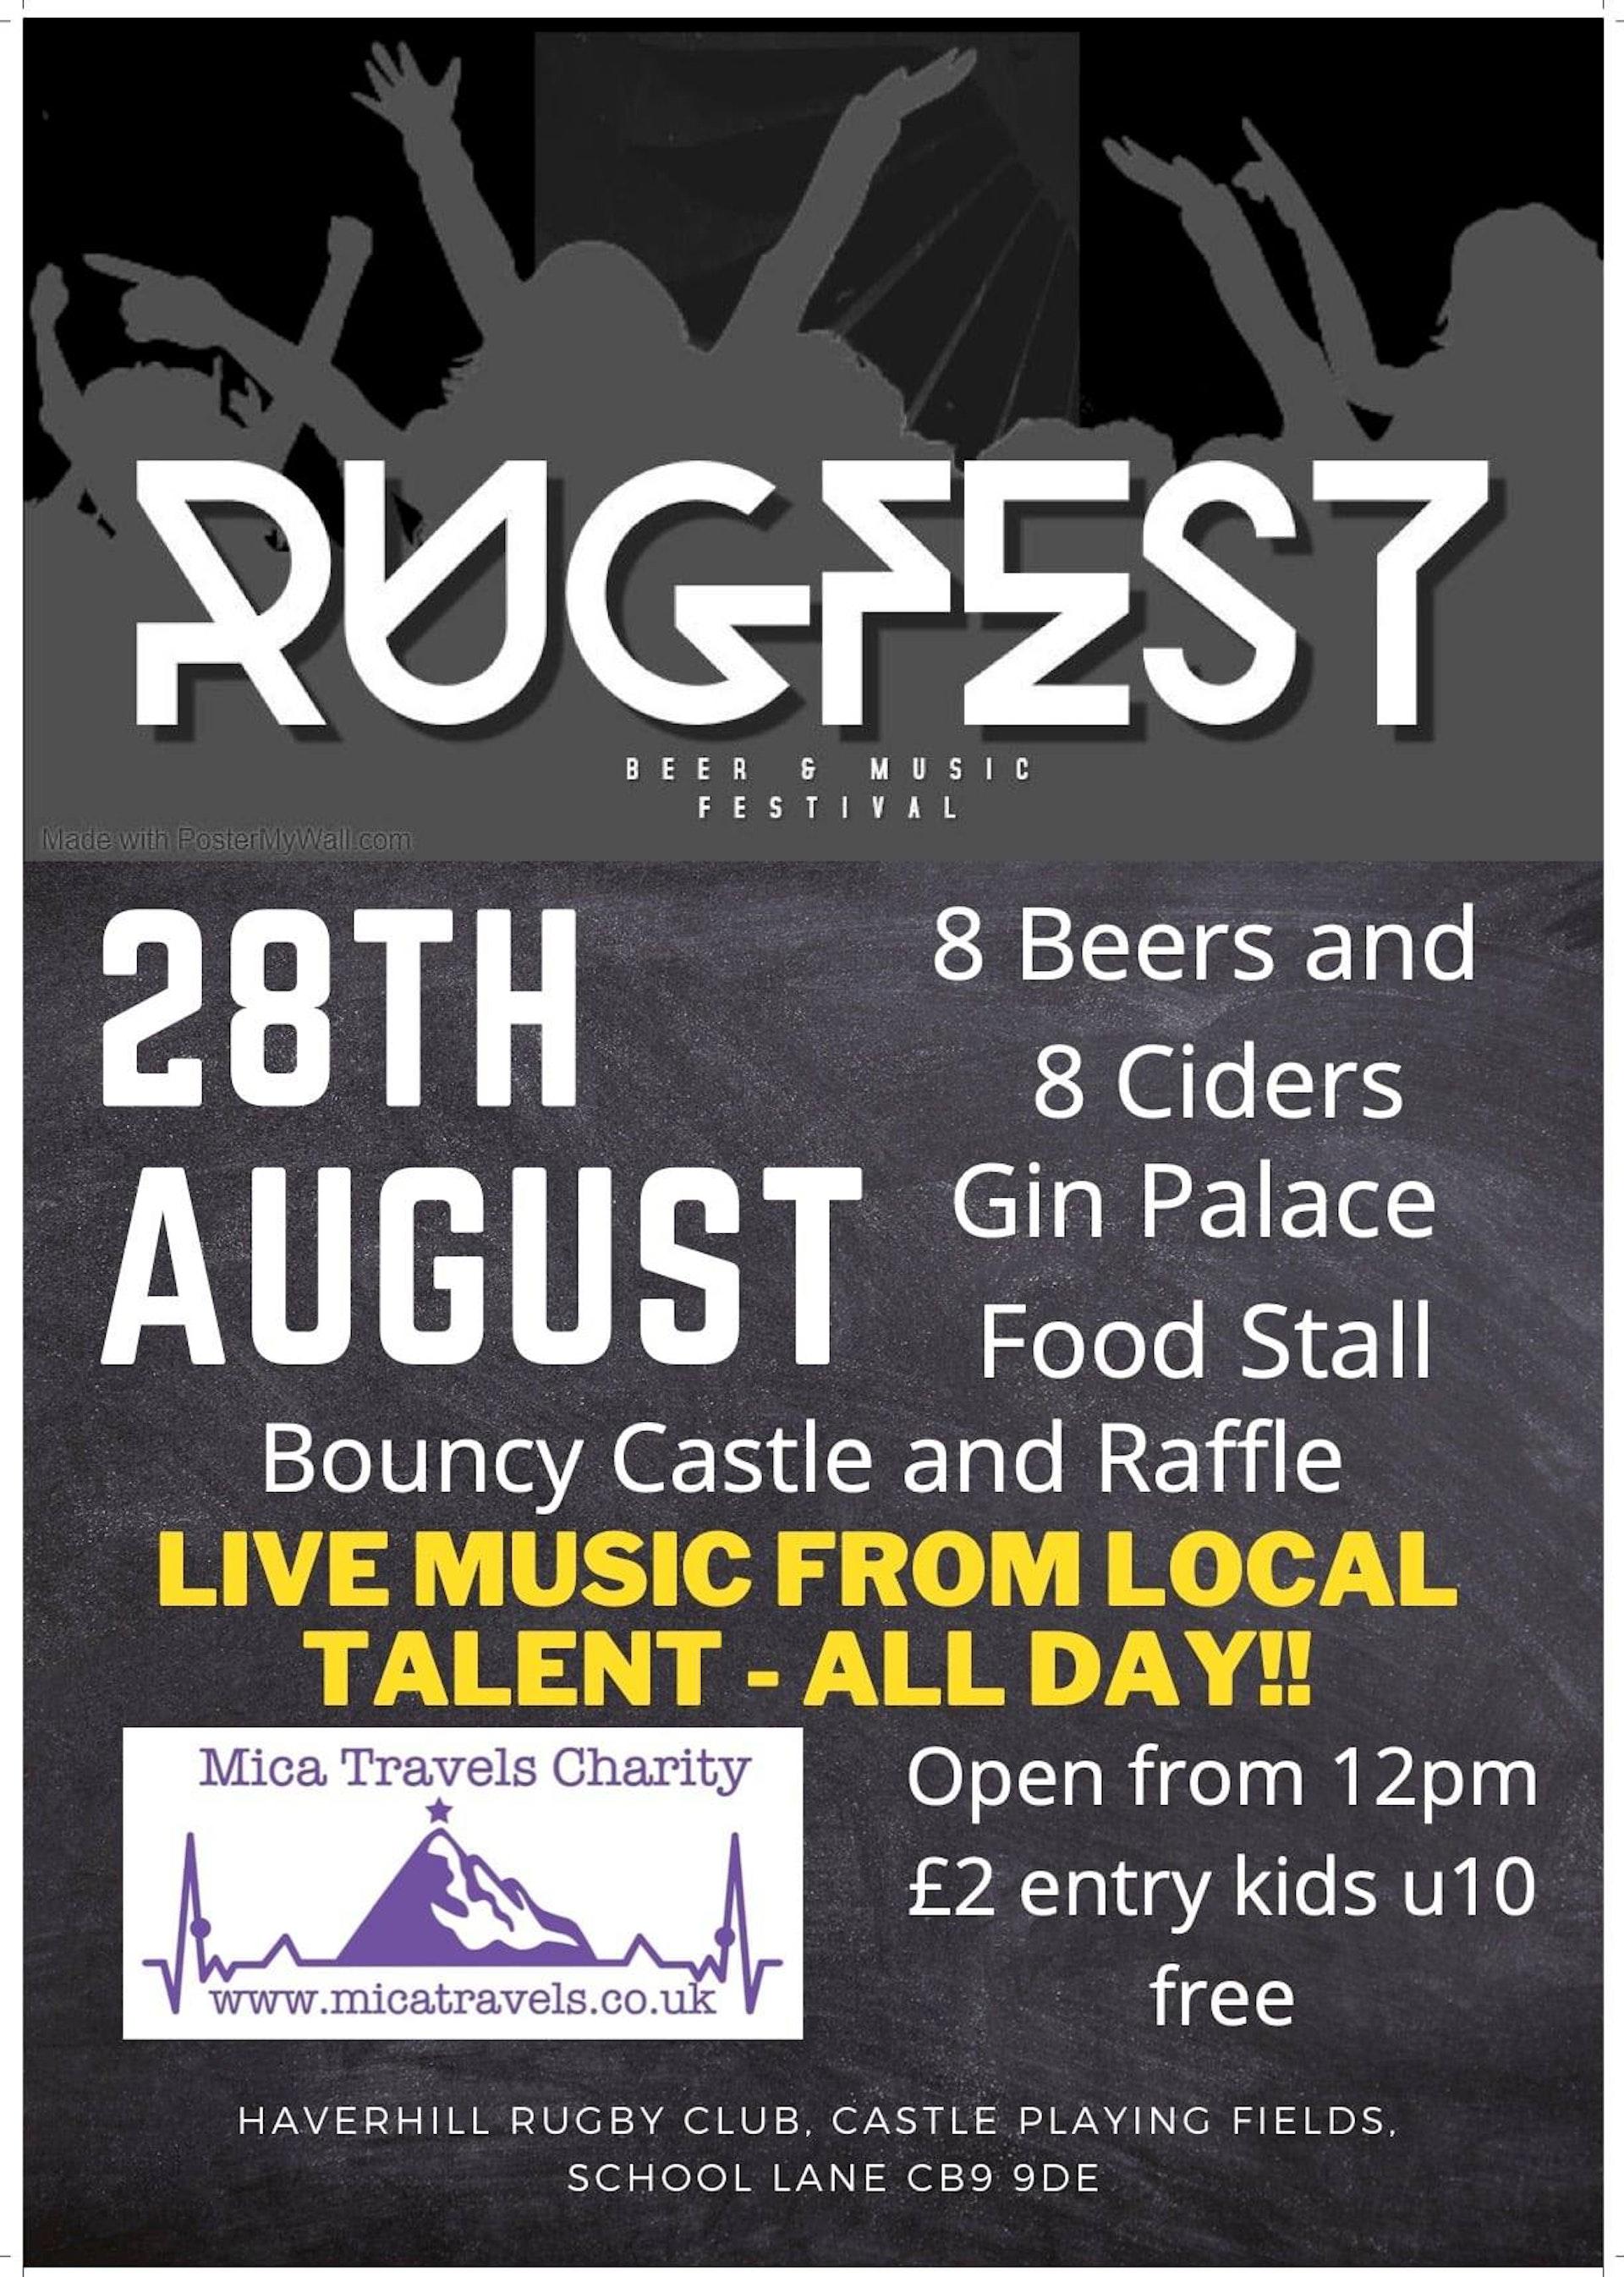 Rugfest